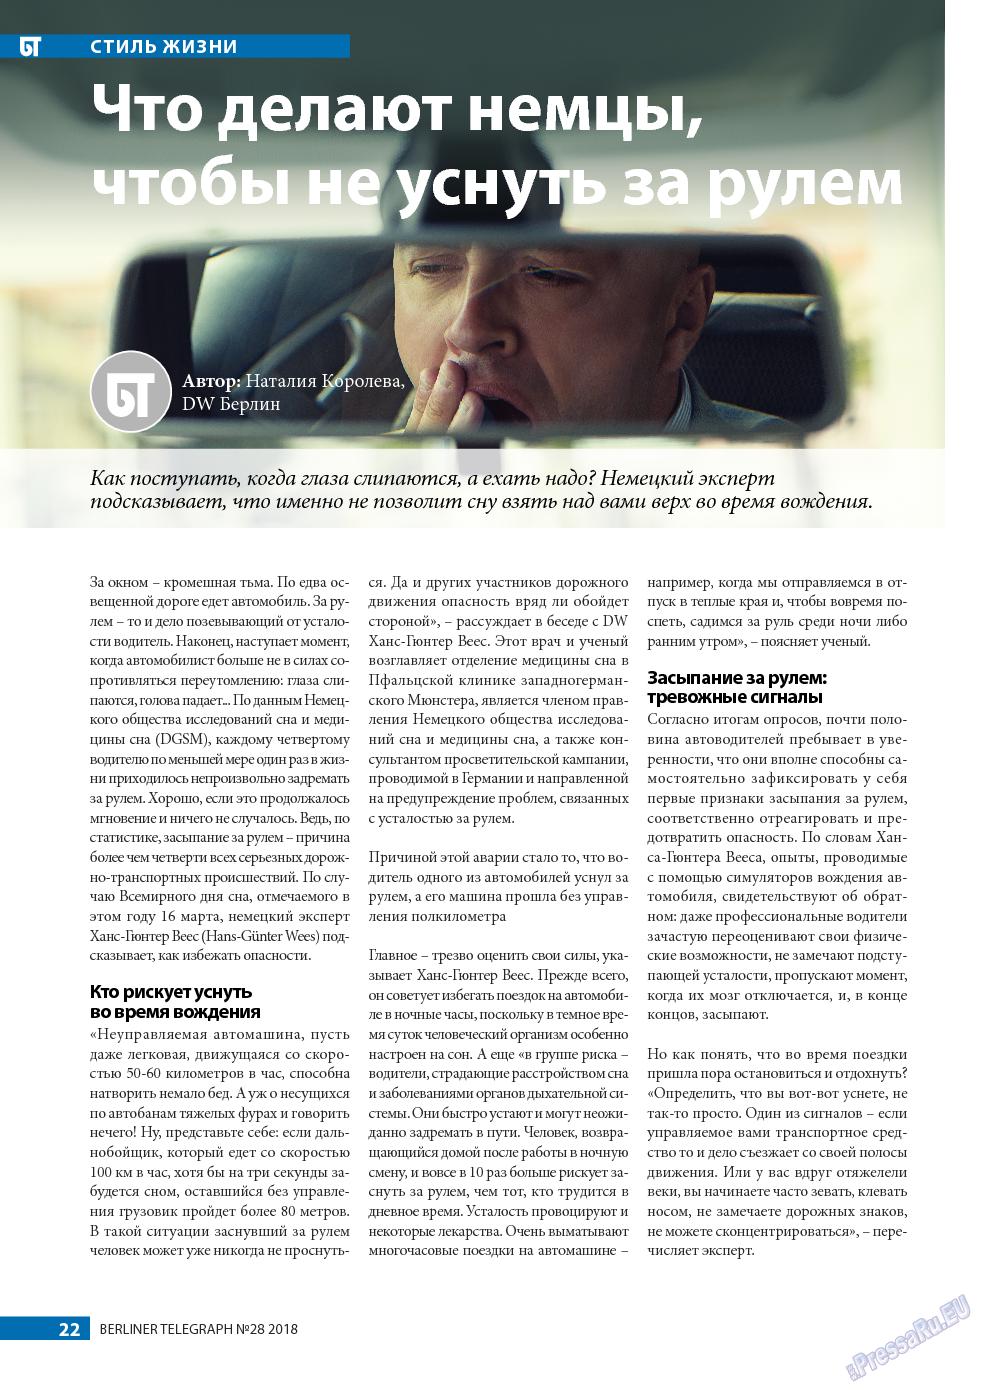 Берлинский телеграф (журнал). 2018 год, номер 28, стр. 22